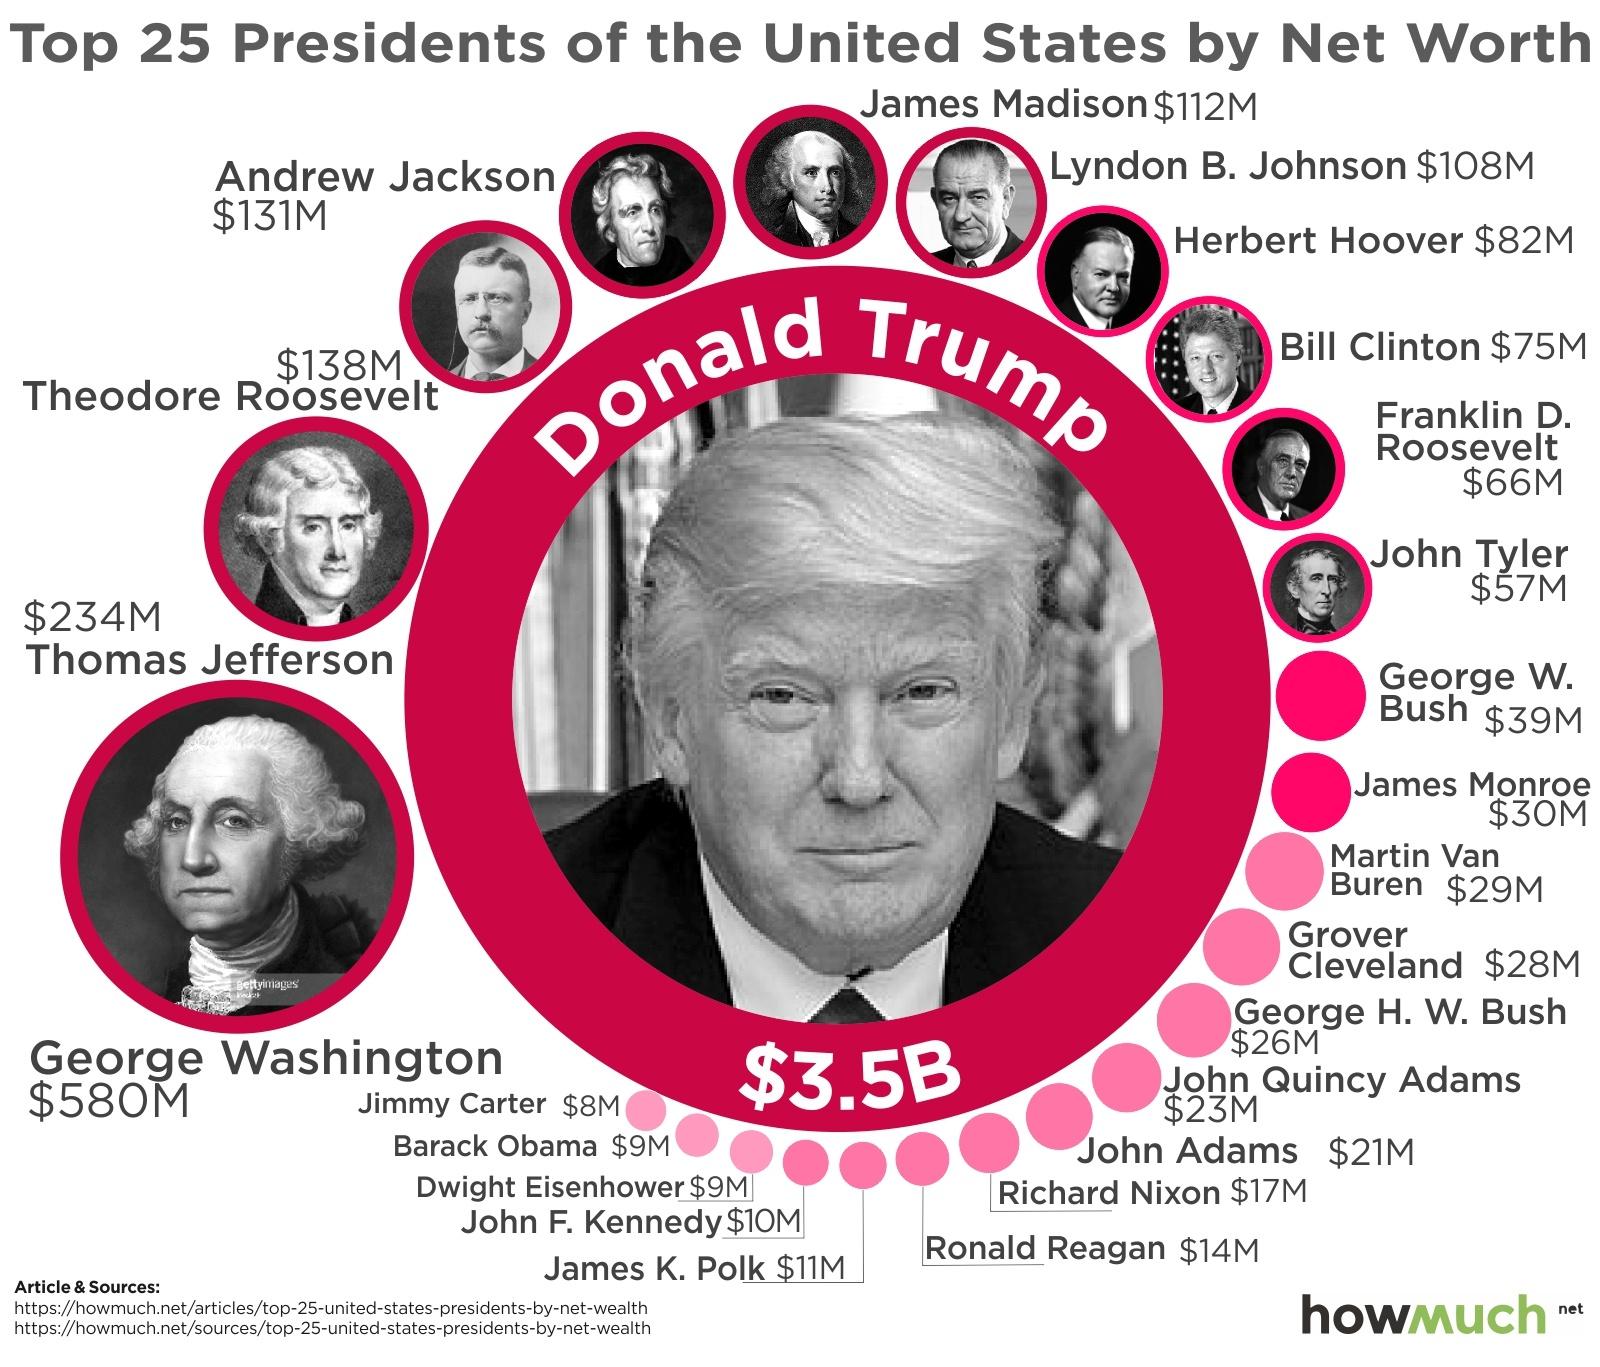 ثروتمندترین و فقیرترین روسای جمهور تاریخ ایالات متحده